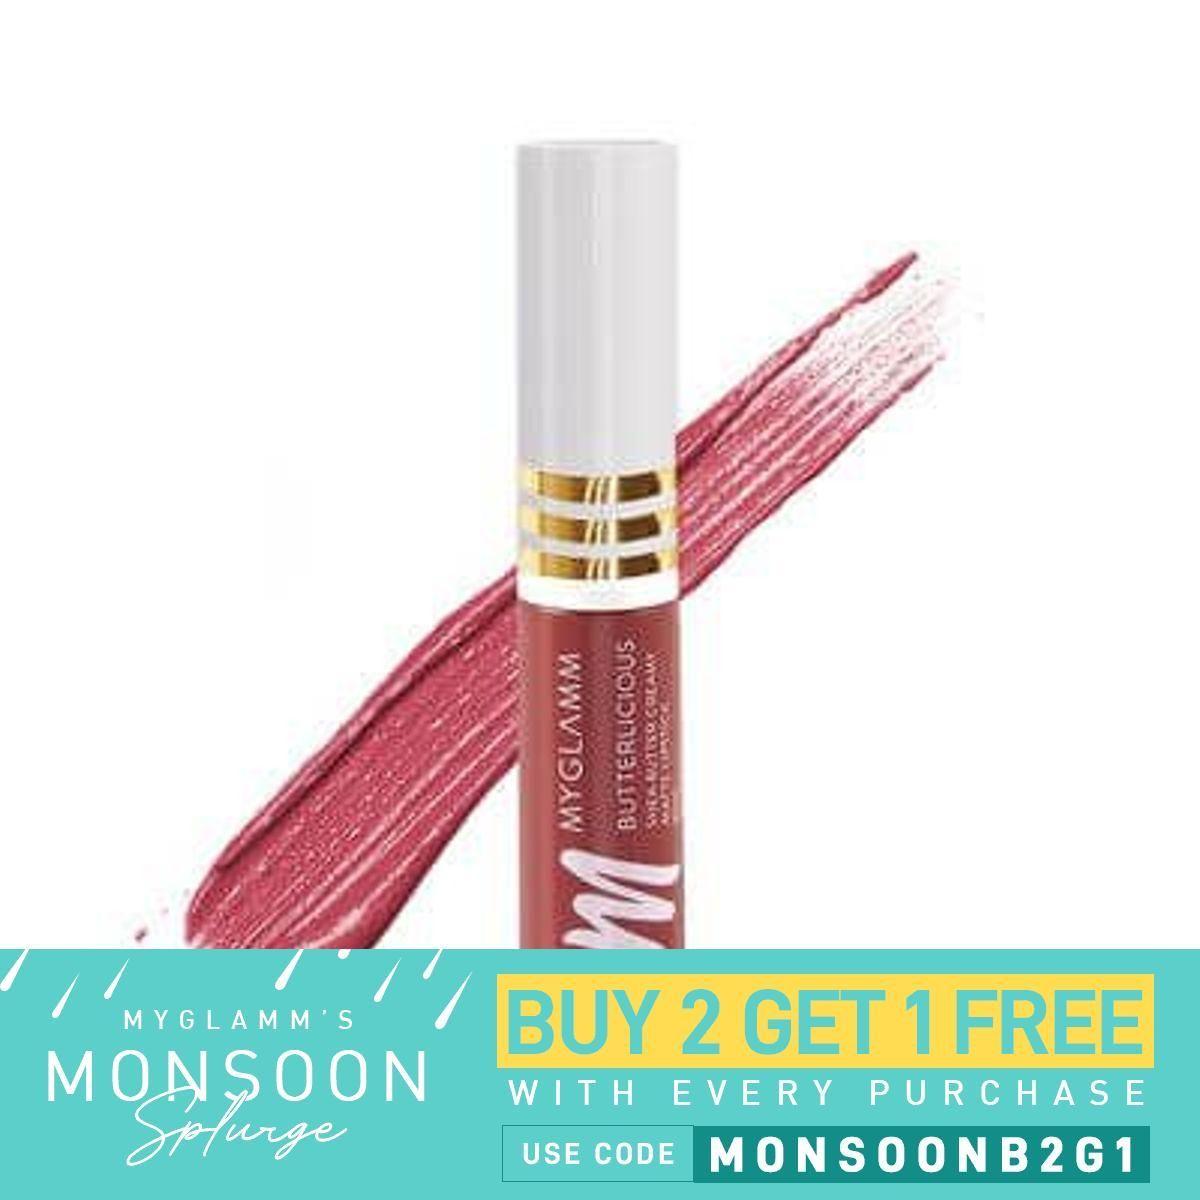 Butterlicious Liquid Matte Lipstick - Rosé